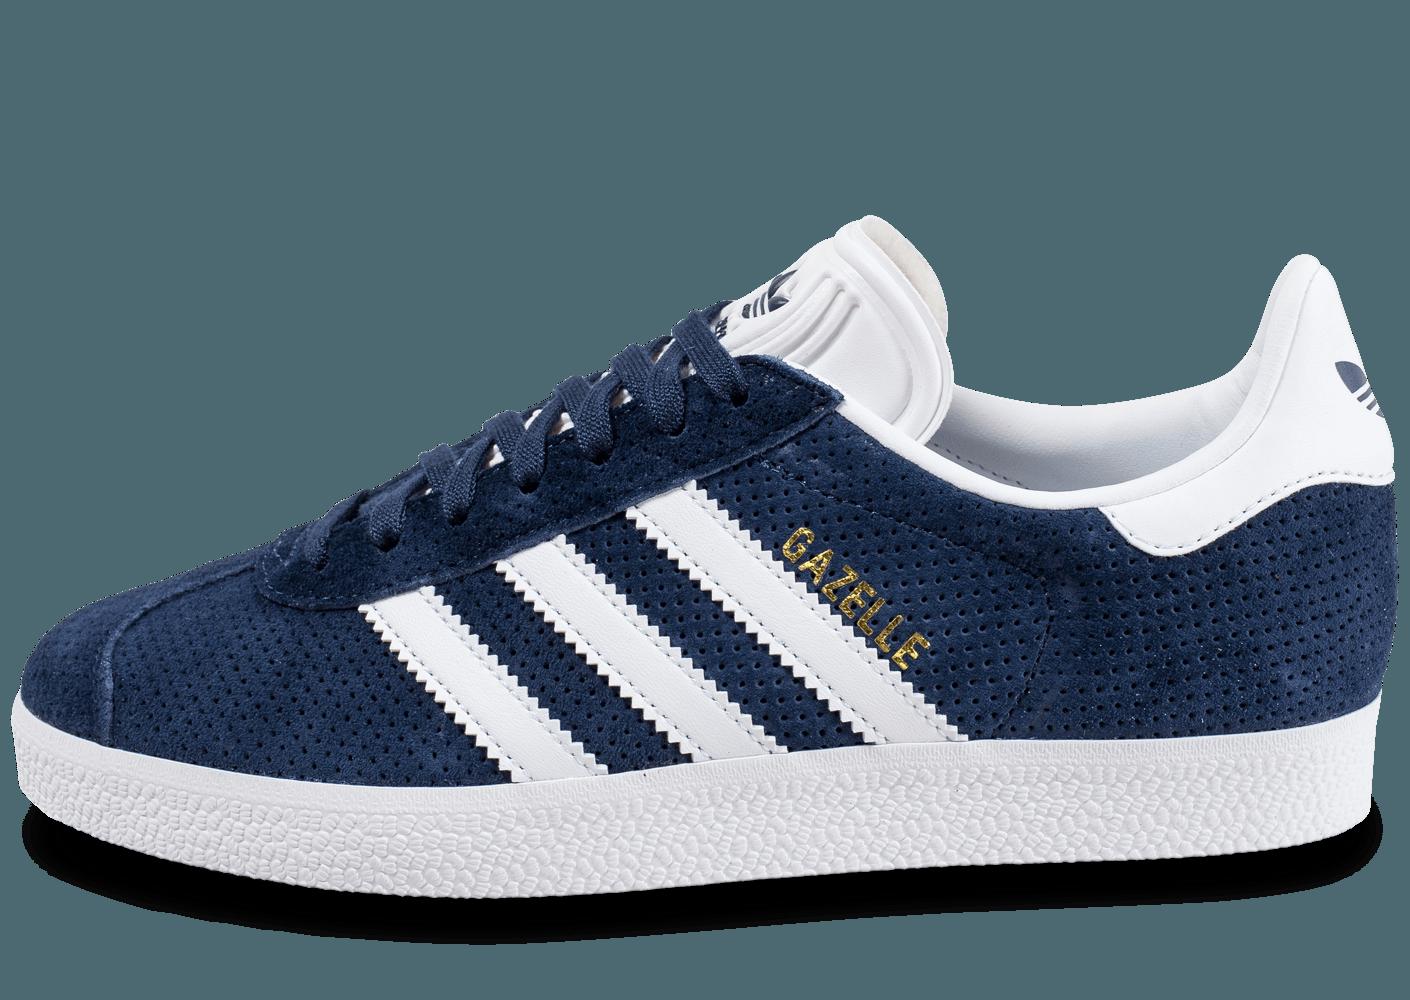 gazelle bleu femme adidas,Chaussures & vêtements Adidas pas cher